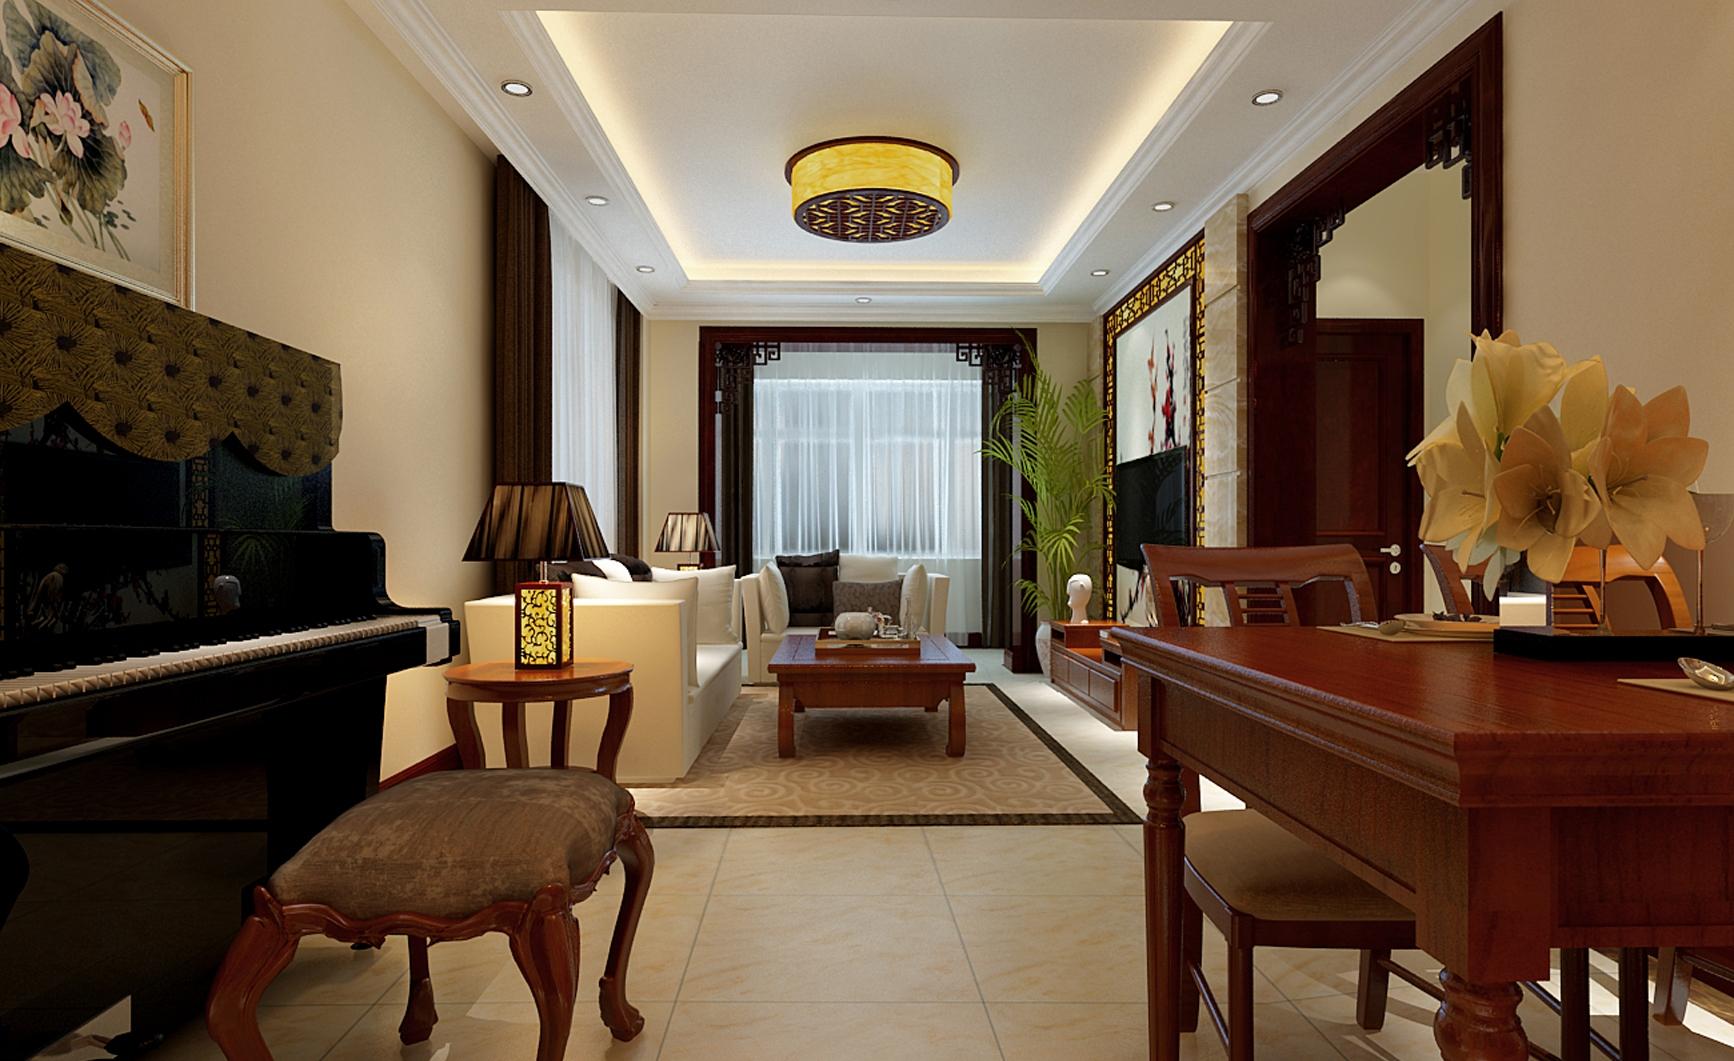 简约 中式 两居 客厅图片来自实创装饰上海公司在徐汇区81.6平中式风格装修效果图的分享